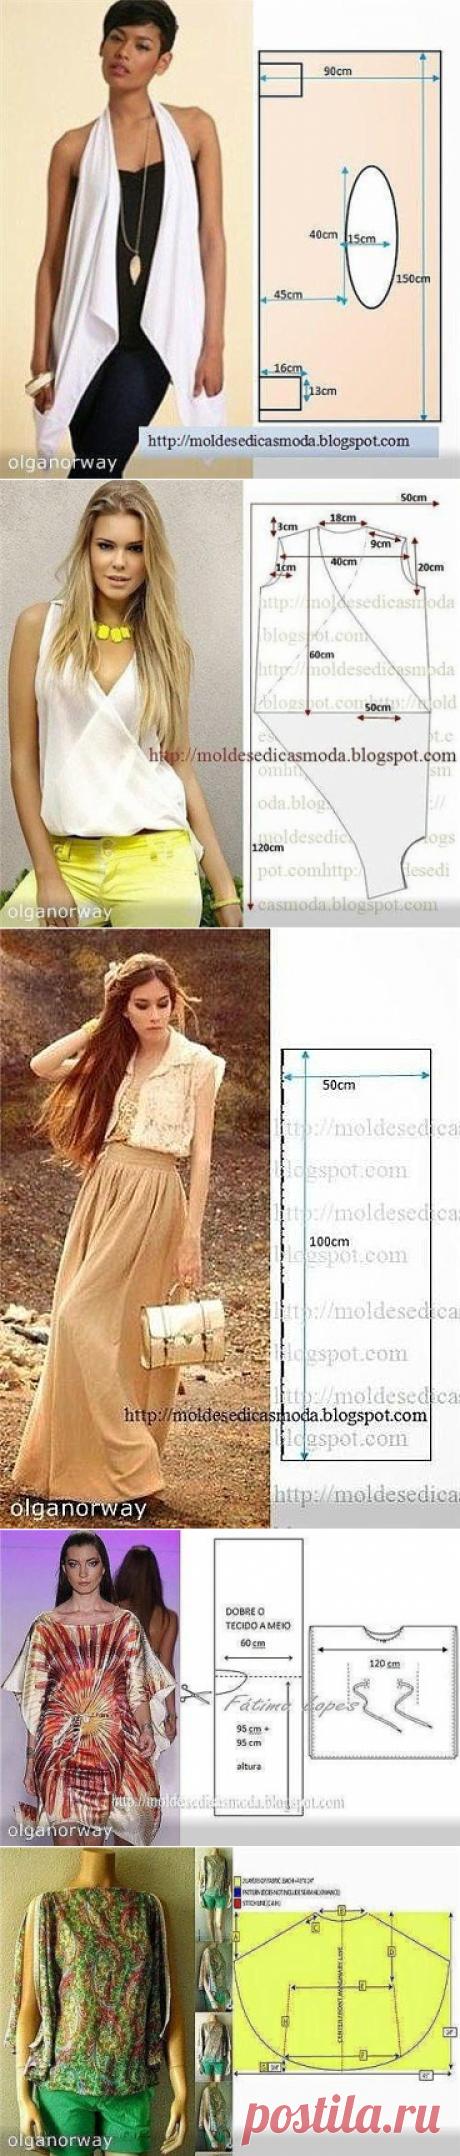 простые выкройки женской одежды